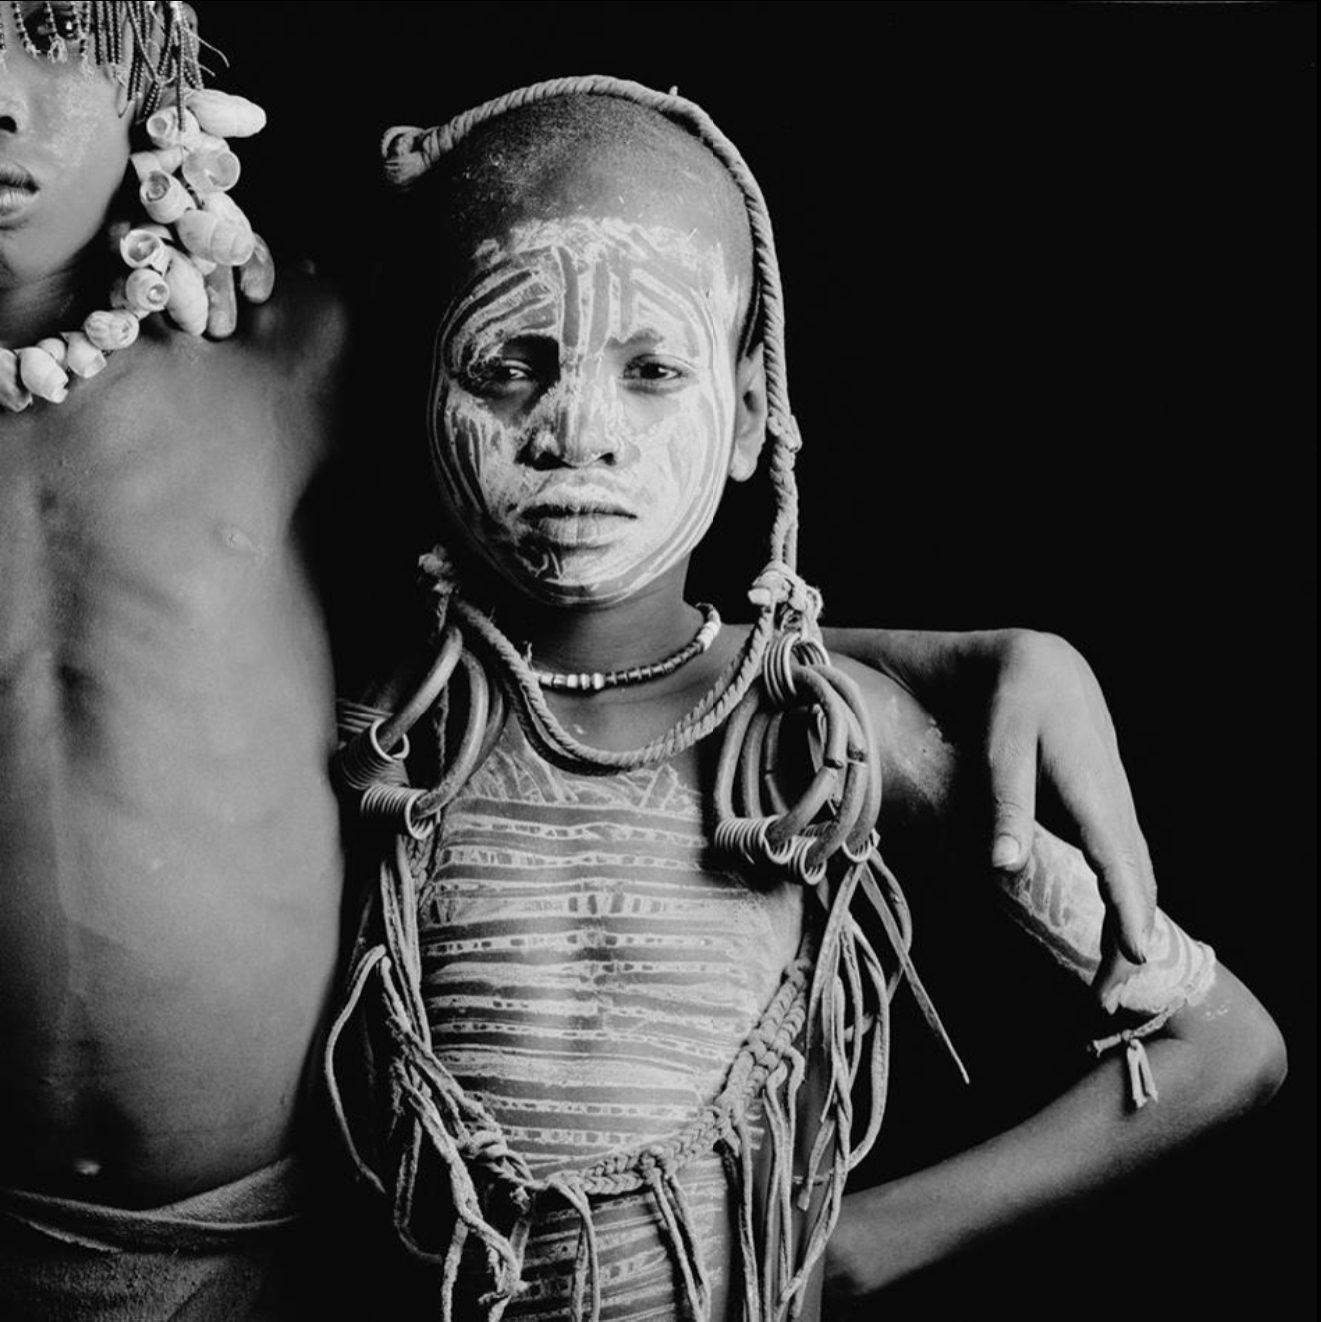 Ethiopie - Portrait I